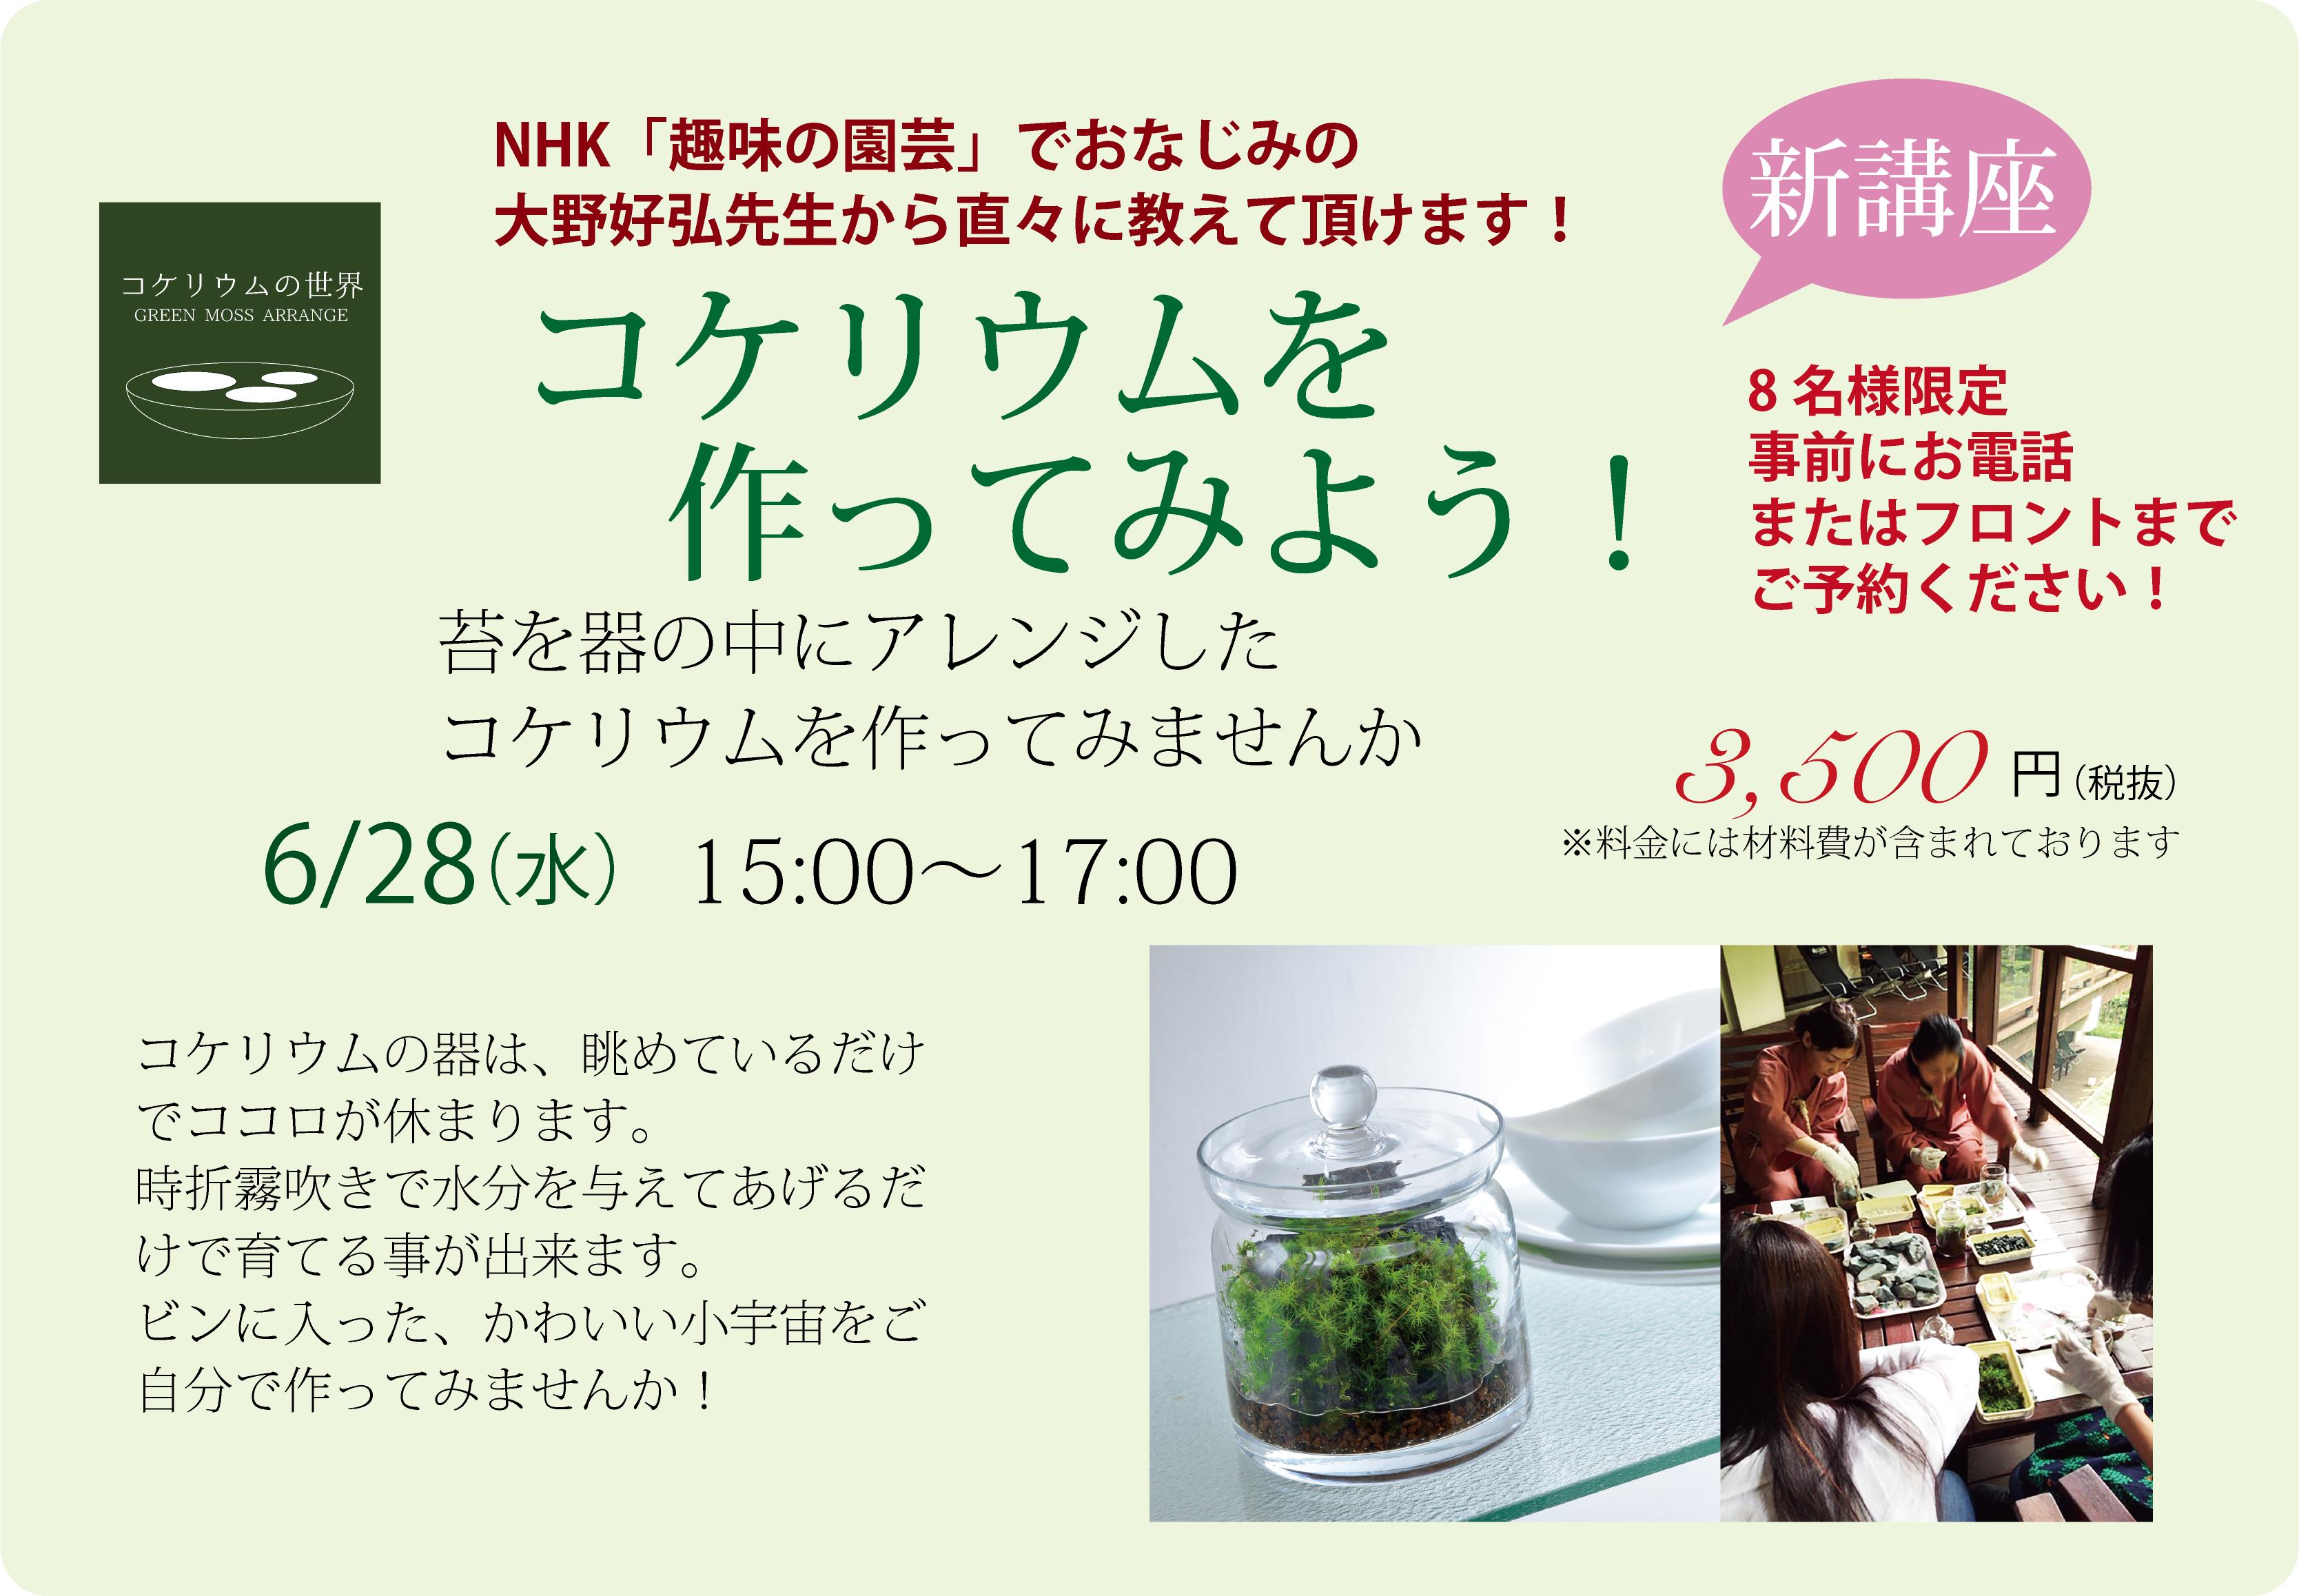 コケリウム講座6月28日(水)に開催!!